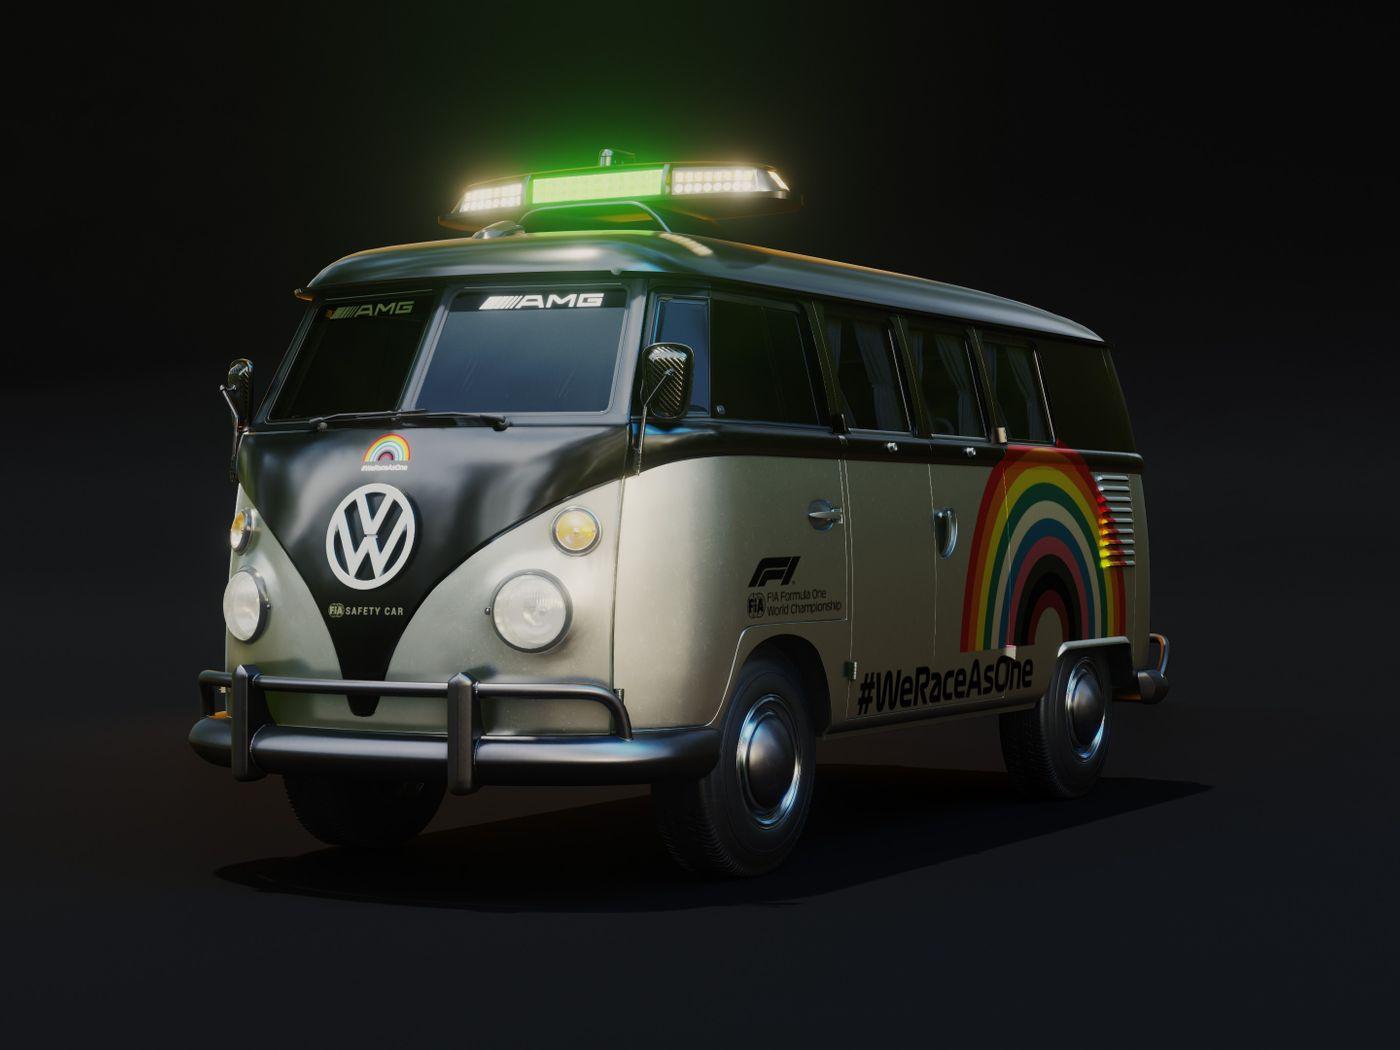 Kombi Safety Car